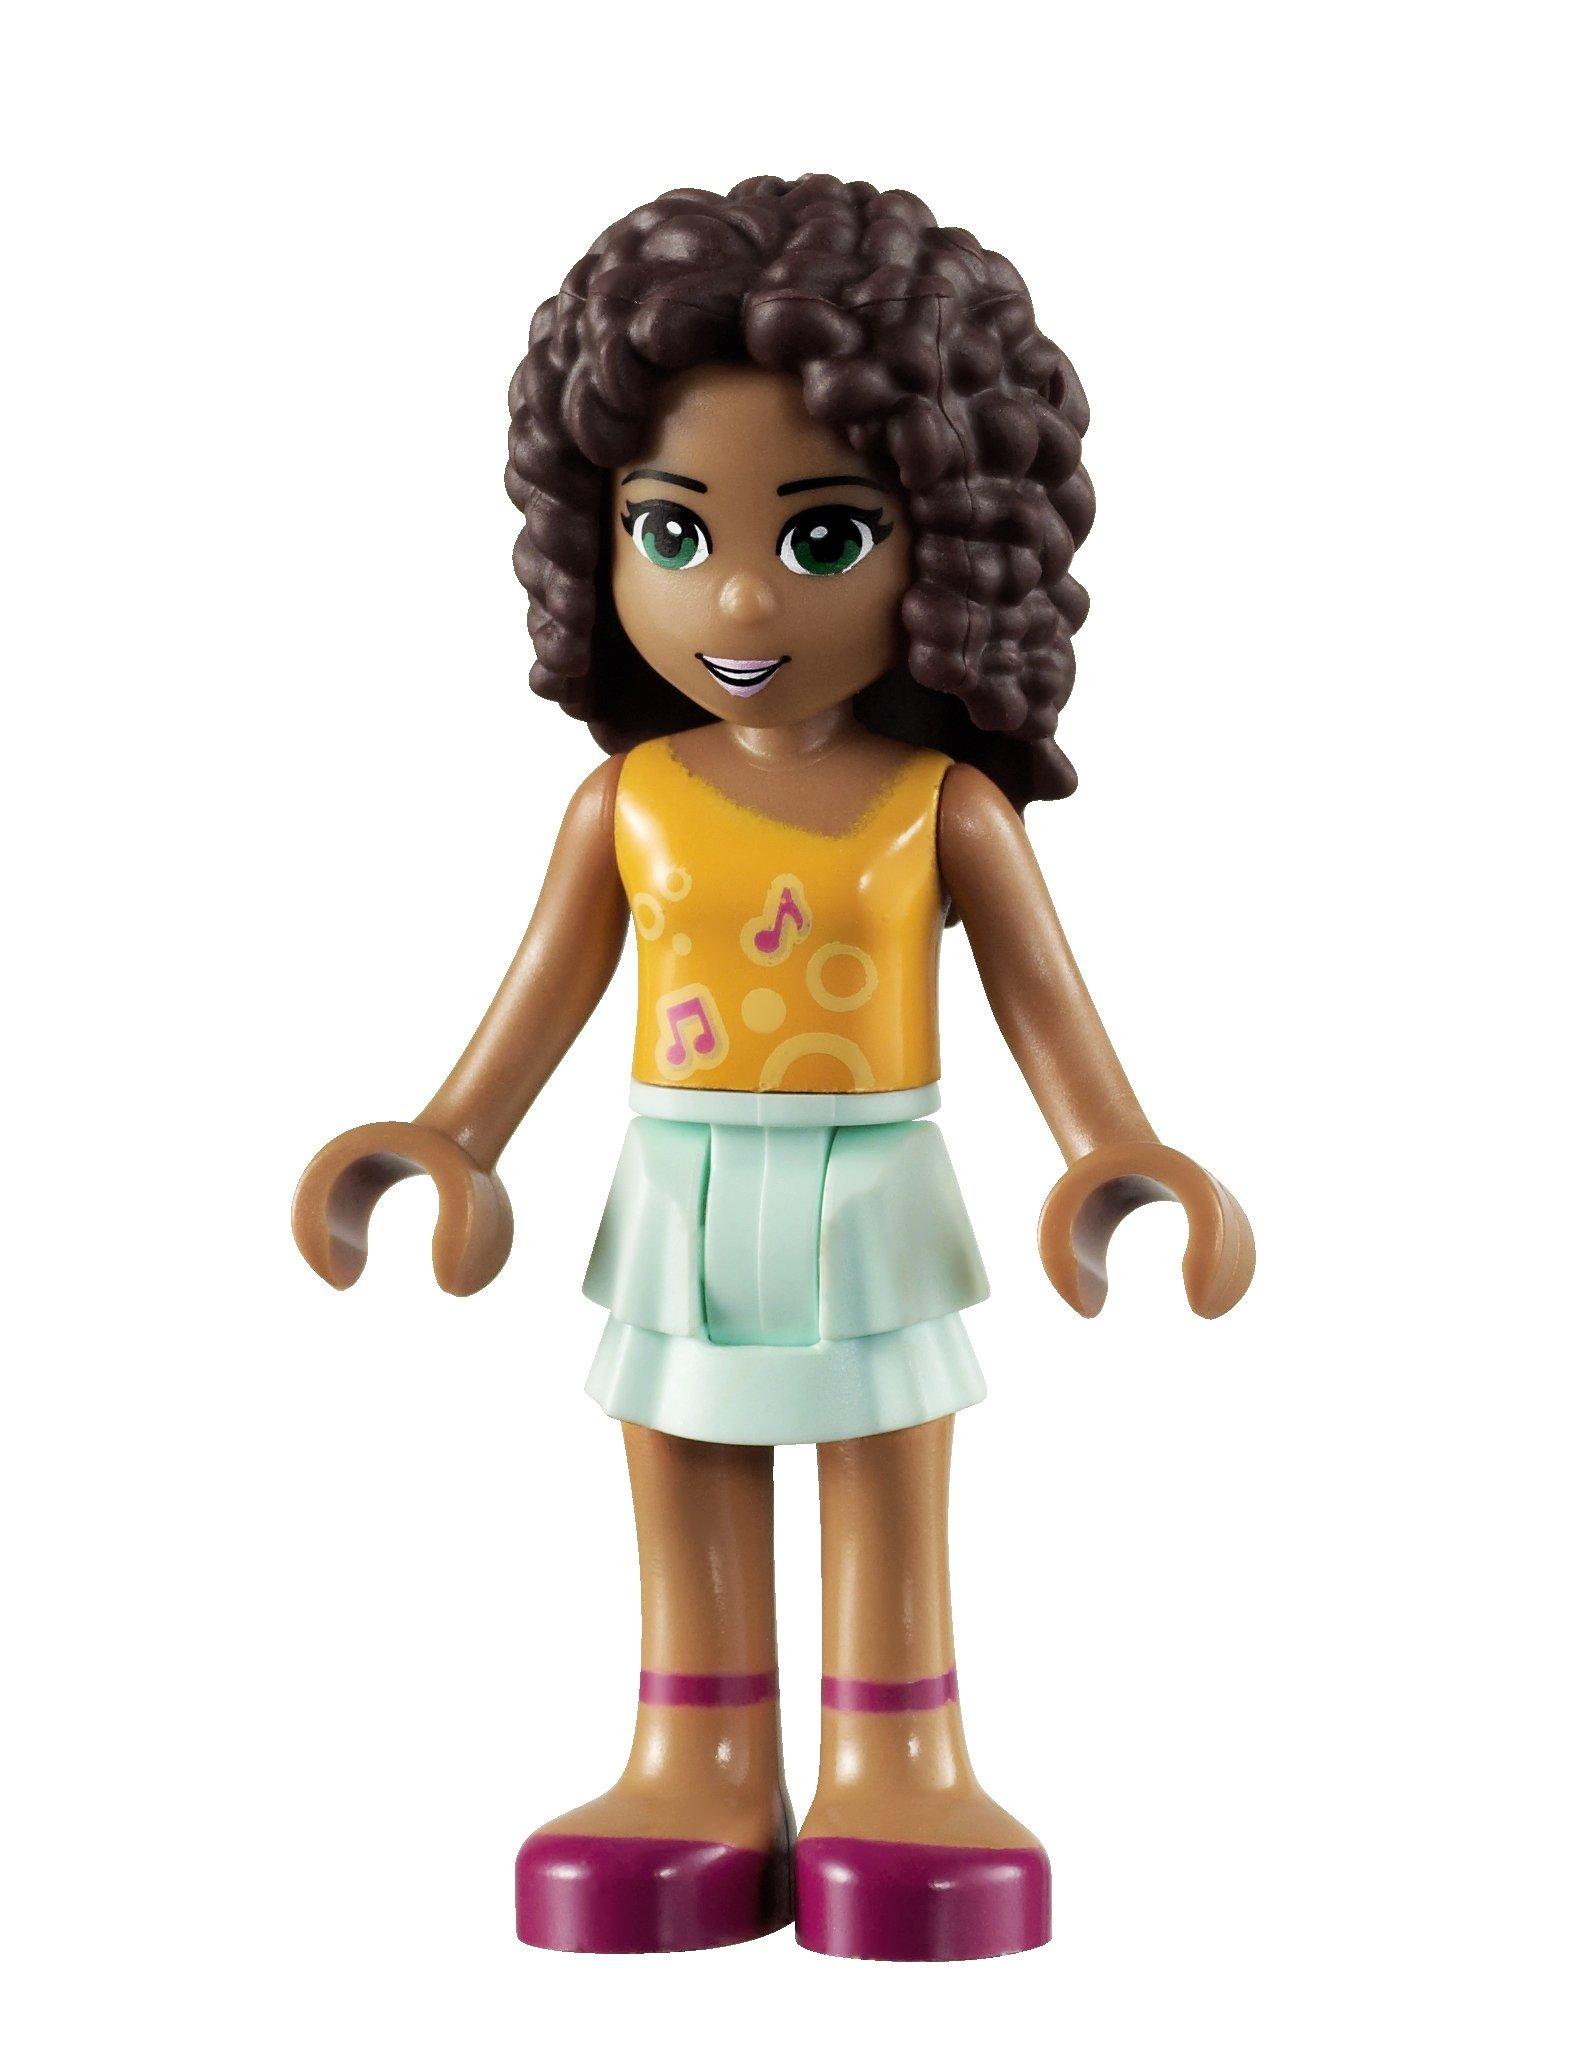 картинки кукол лего френдс днем рождения